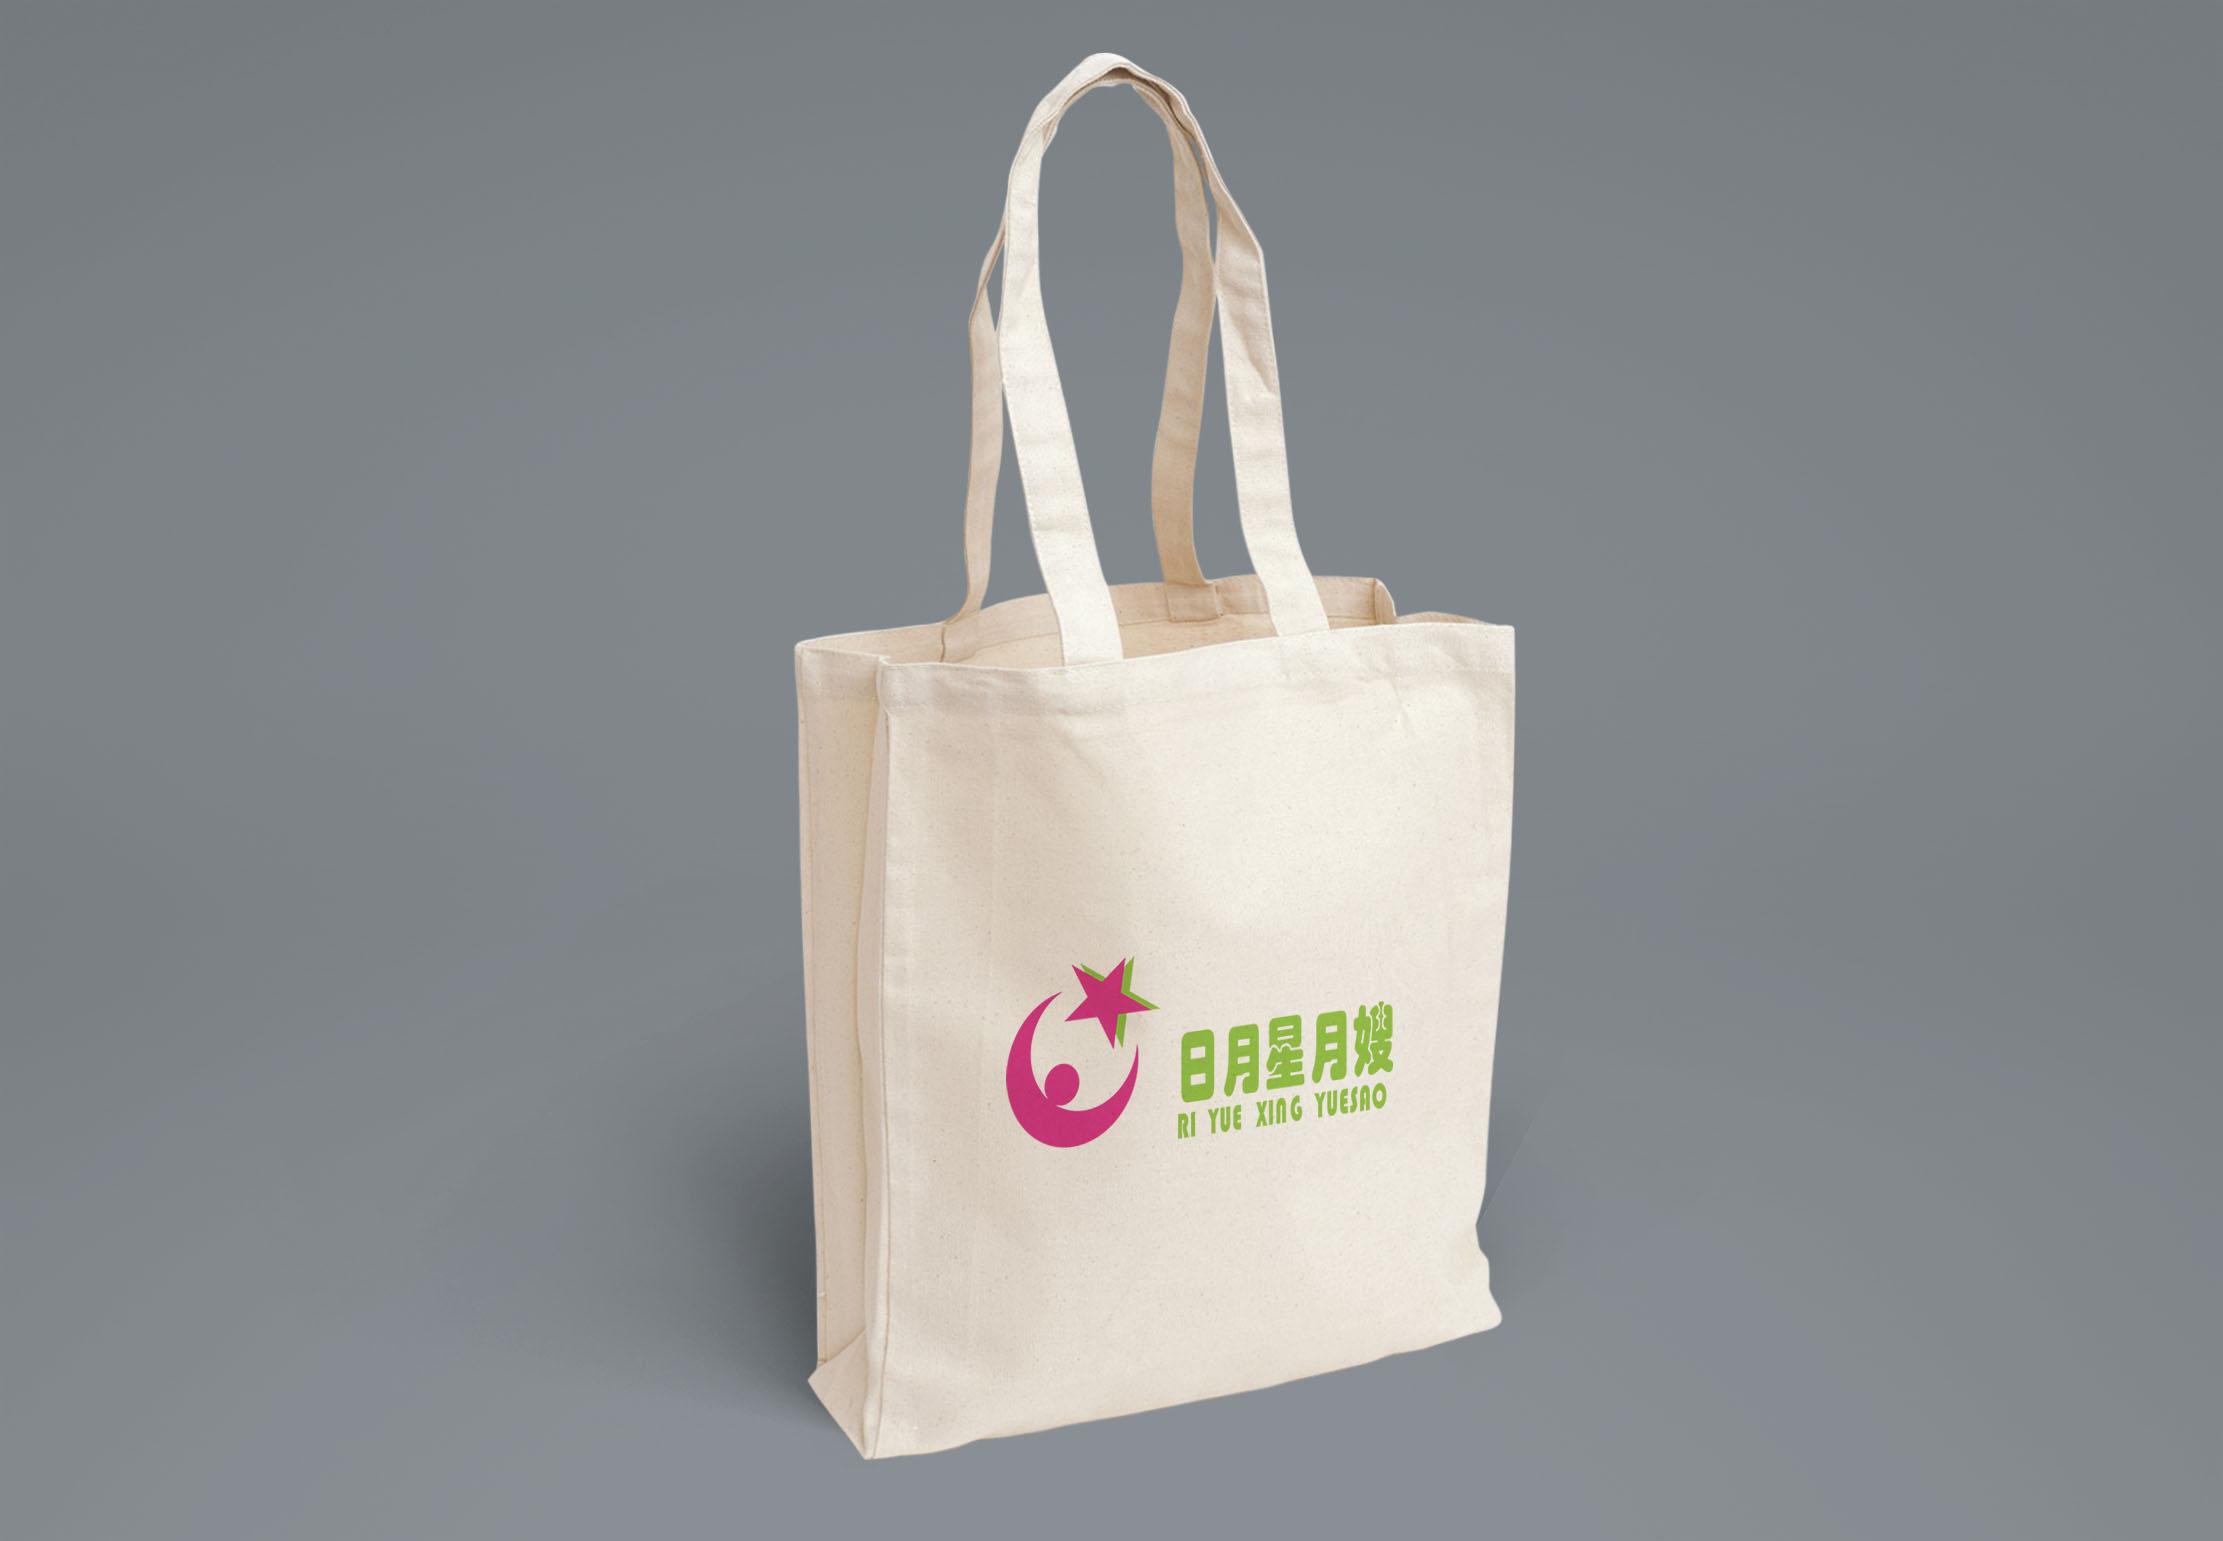 企业Logo、名片、形象墙设计(8.2结束)_2936175_k68威客网